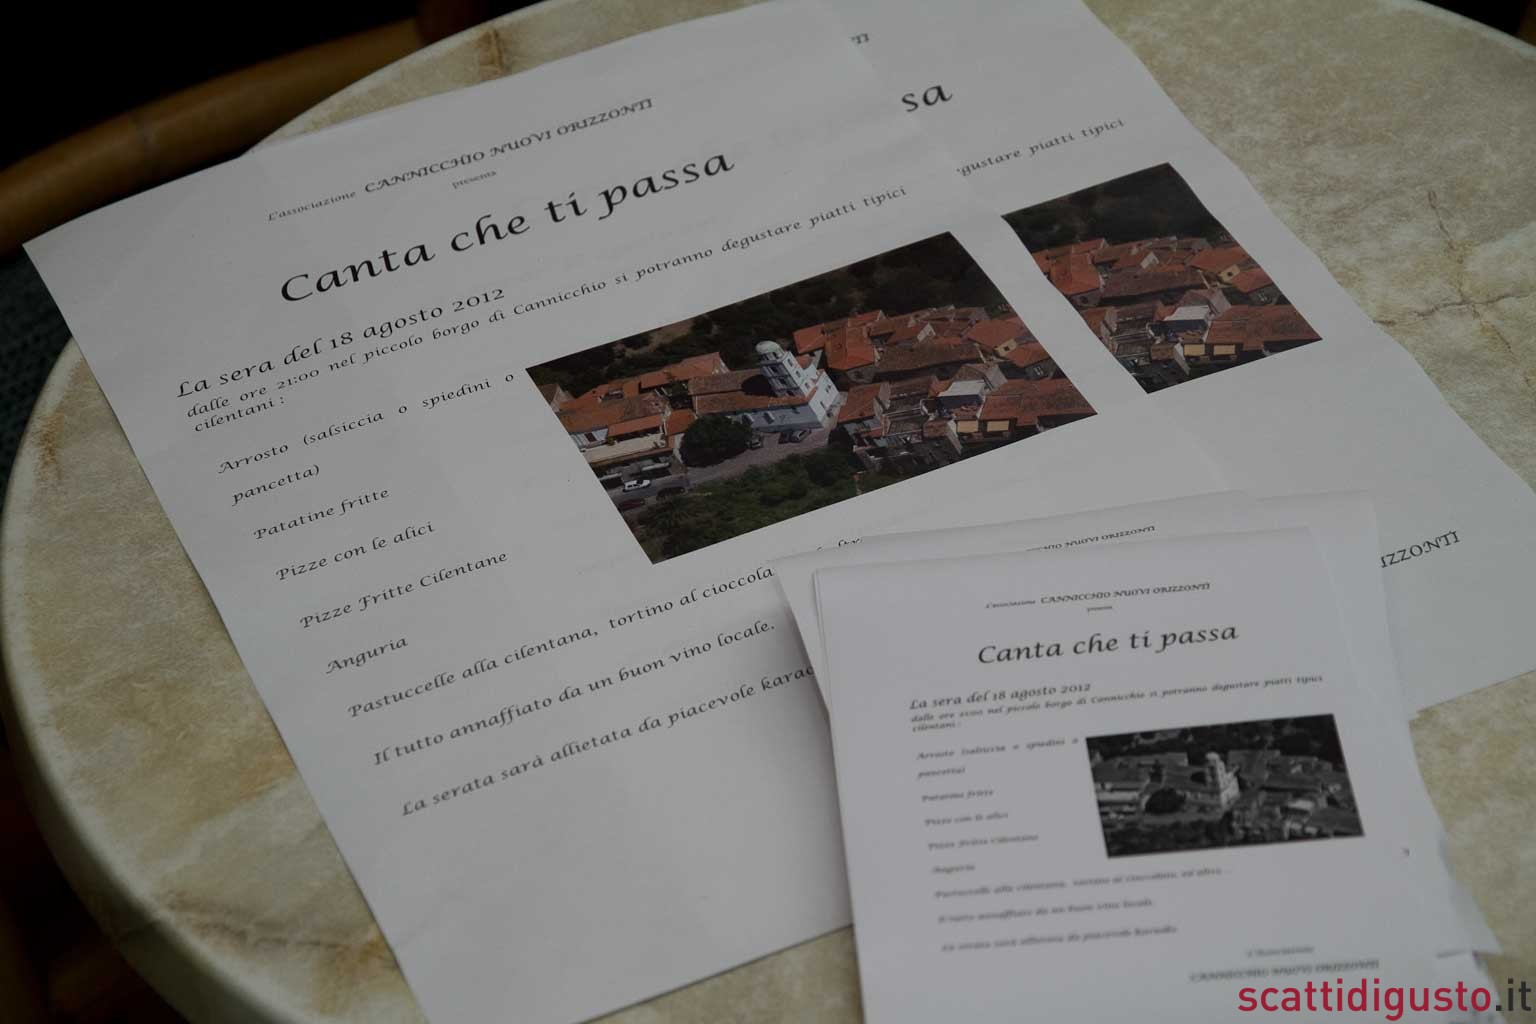 Settimana con cuttaia le conserve di pomodoro e la sagra for Ovvio arredamento roma